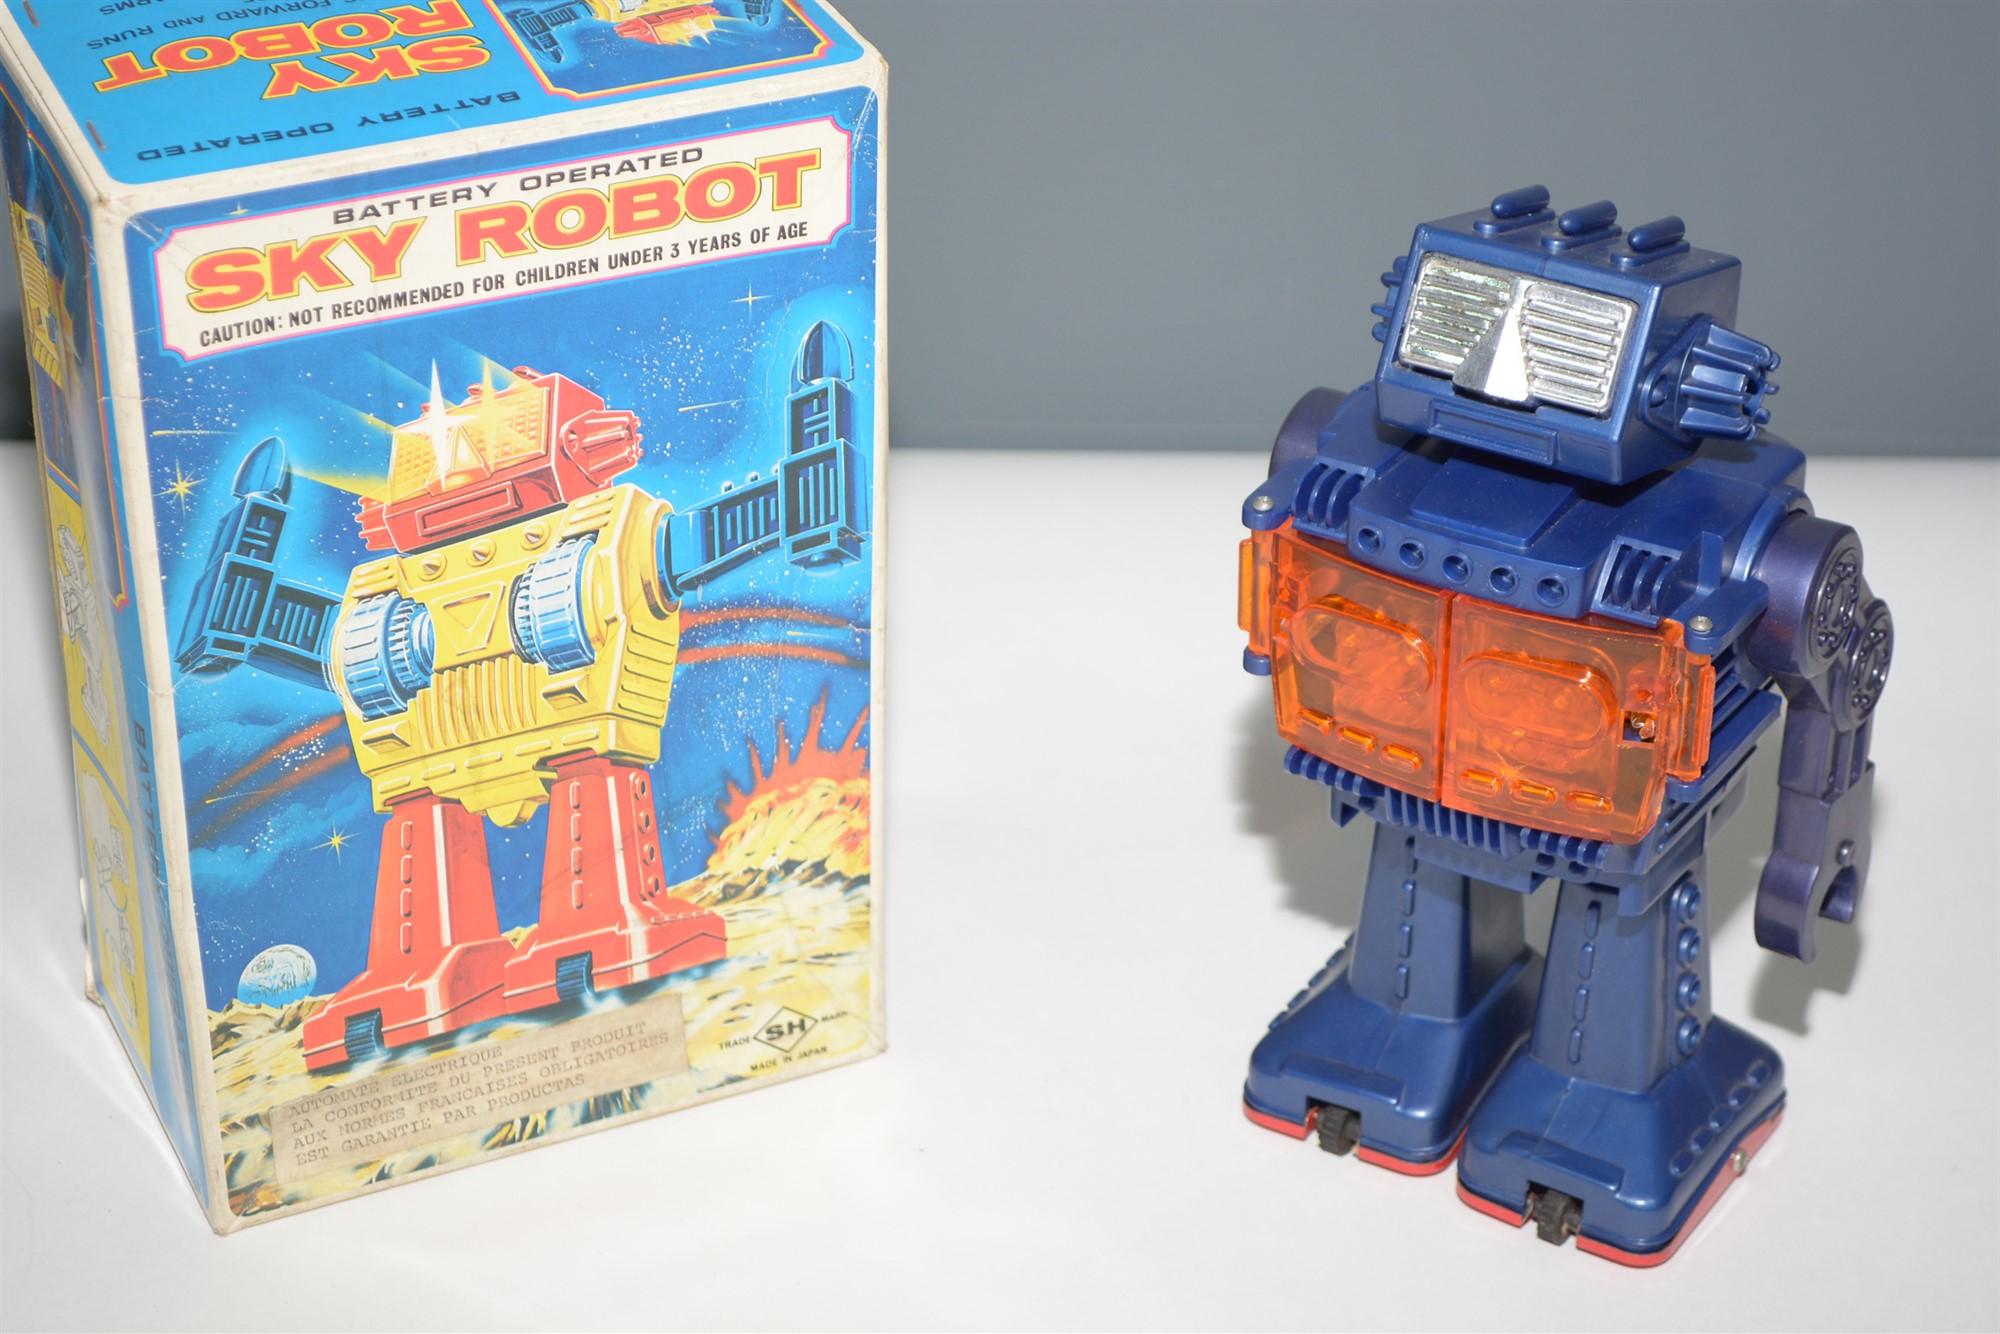 Lot 1025 - SH Horikawa Sky Robot